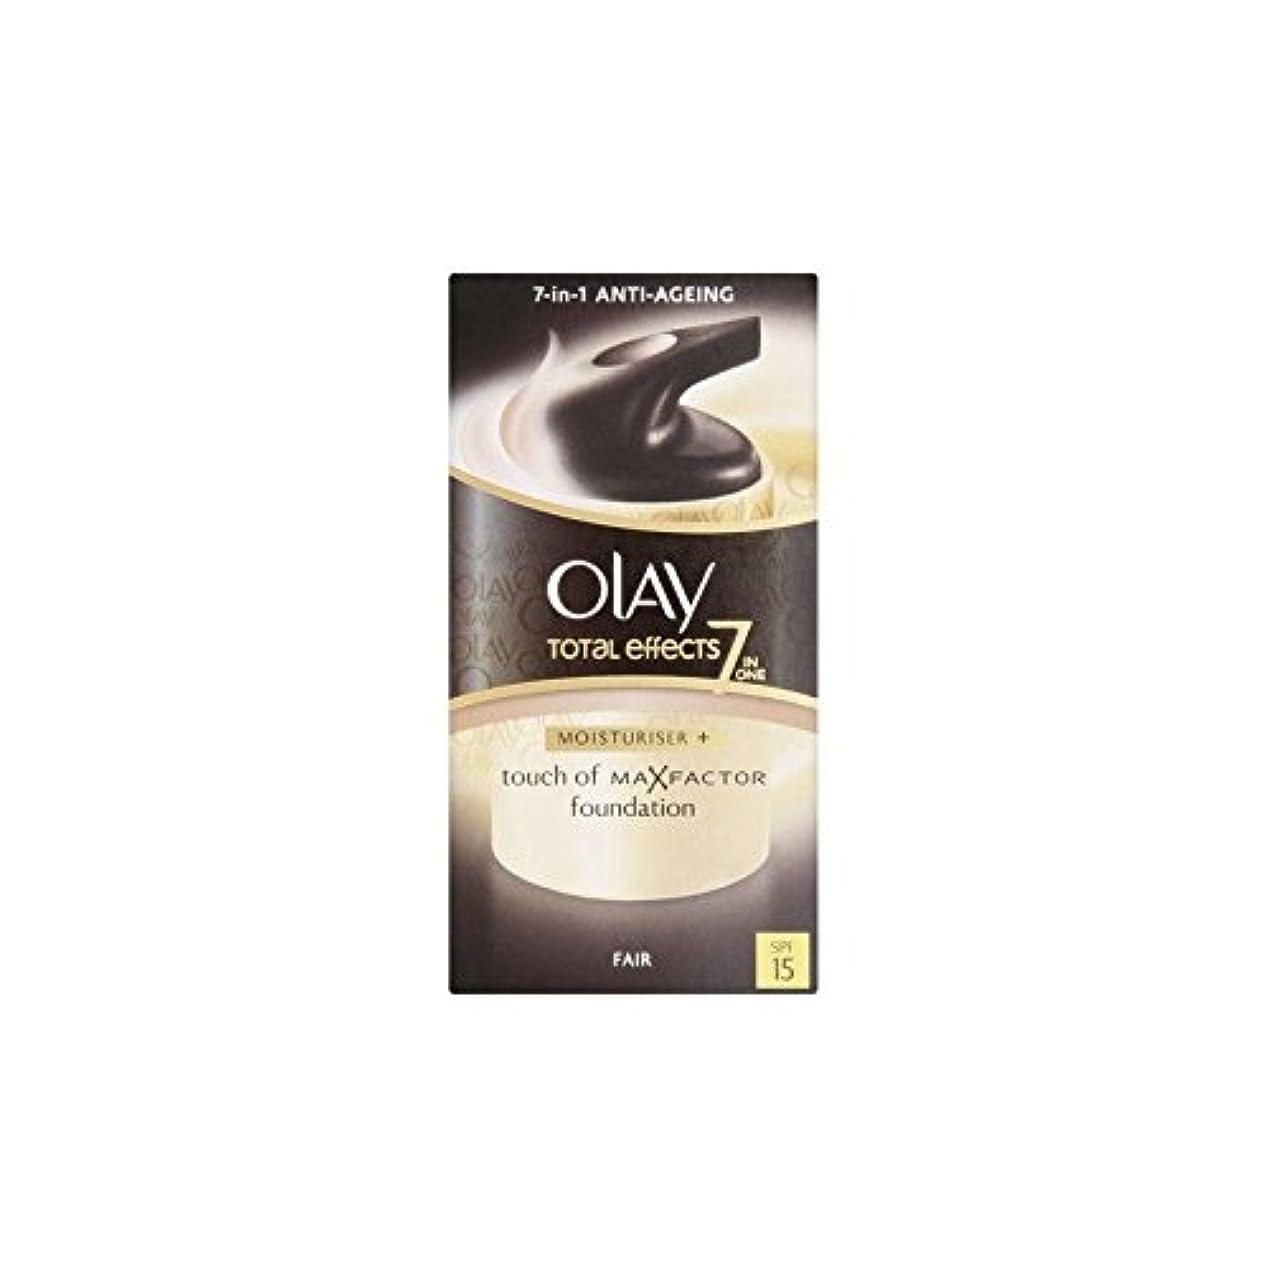 ライブスクレーパー代表Olay Total Effects Moisturiser Bb Cream Spf15 - Fair (50ml) (Pack of 6) - オーレイトータルエフェクト保湿クリーム15 - フェア(50ミリリットル...